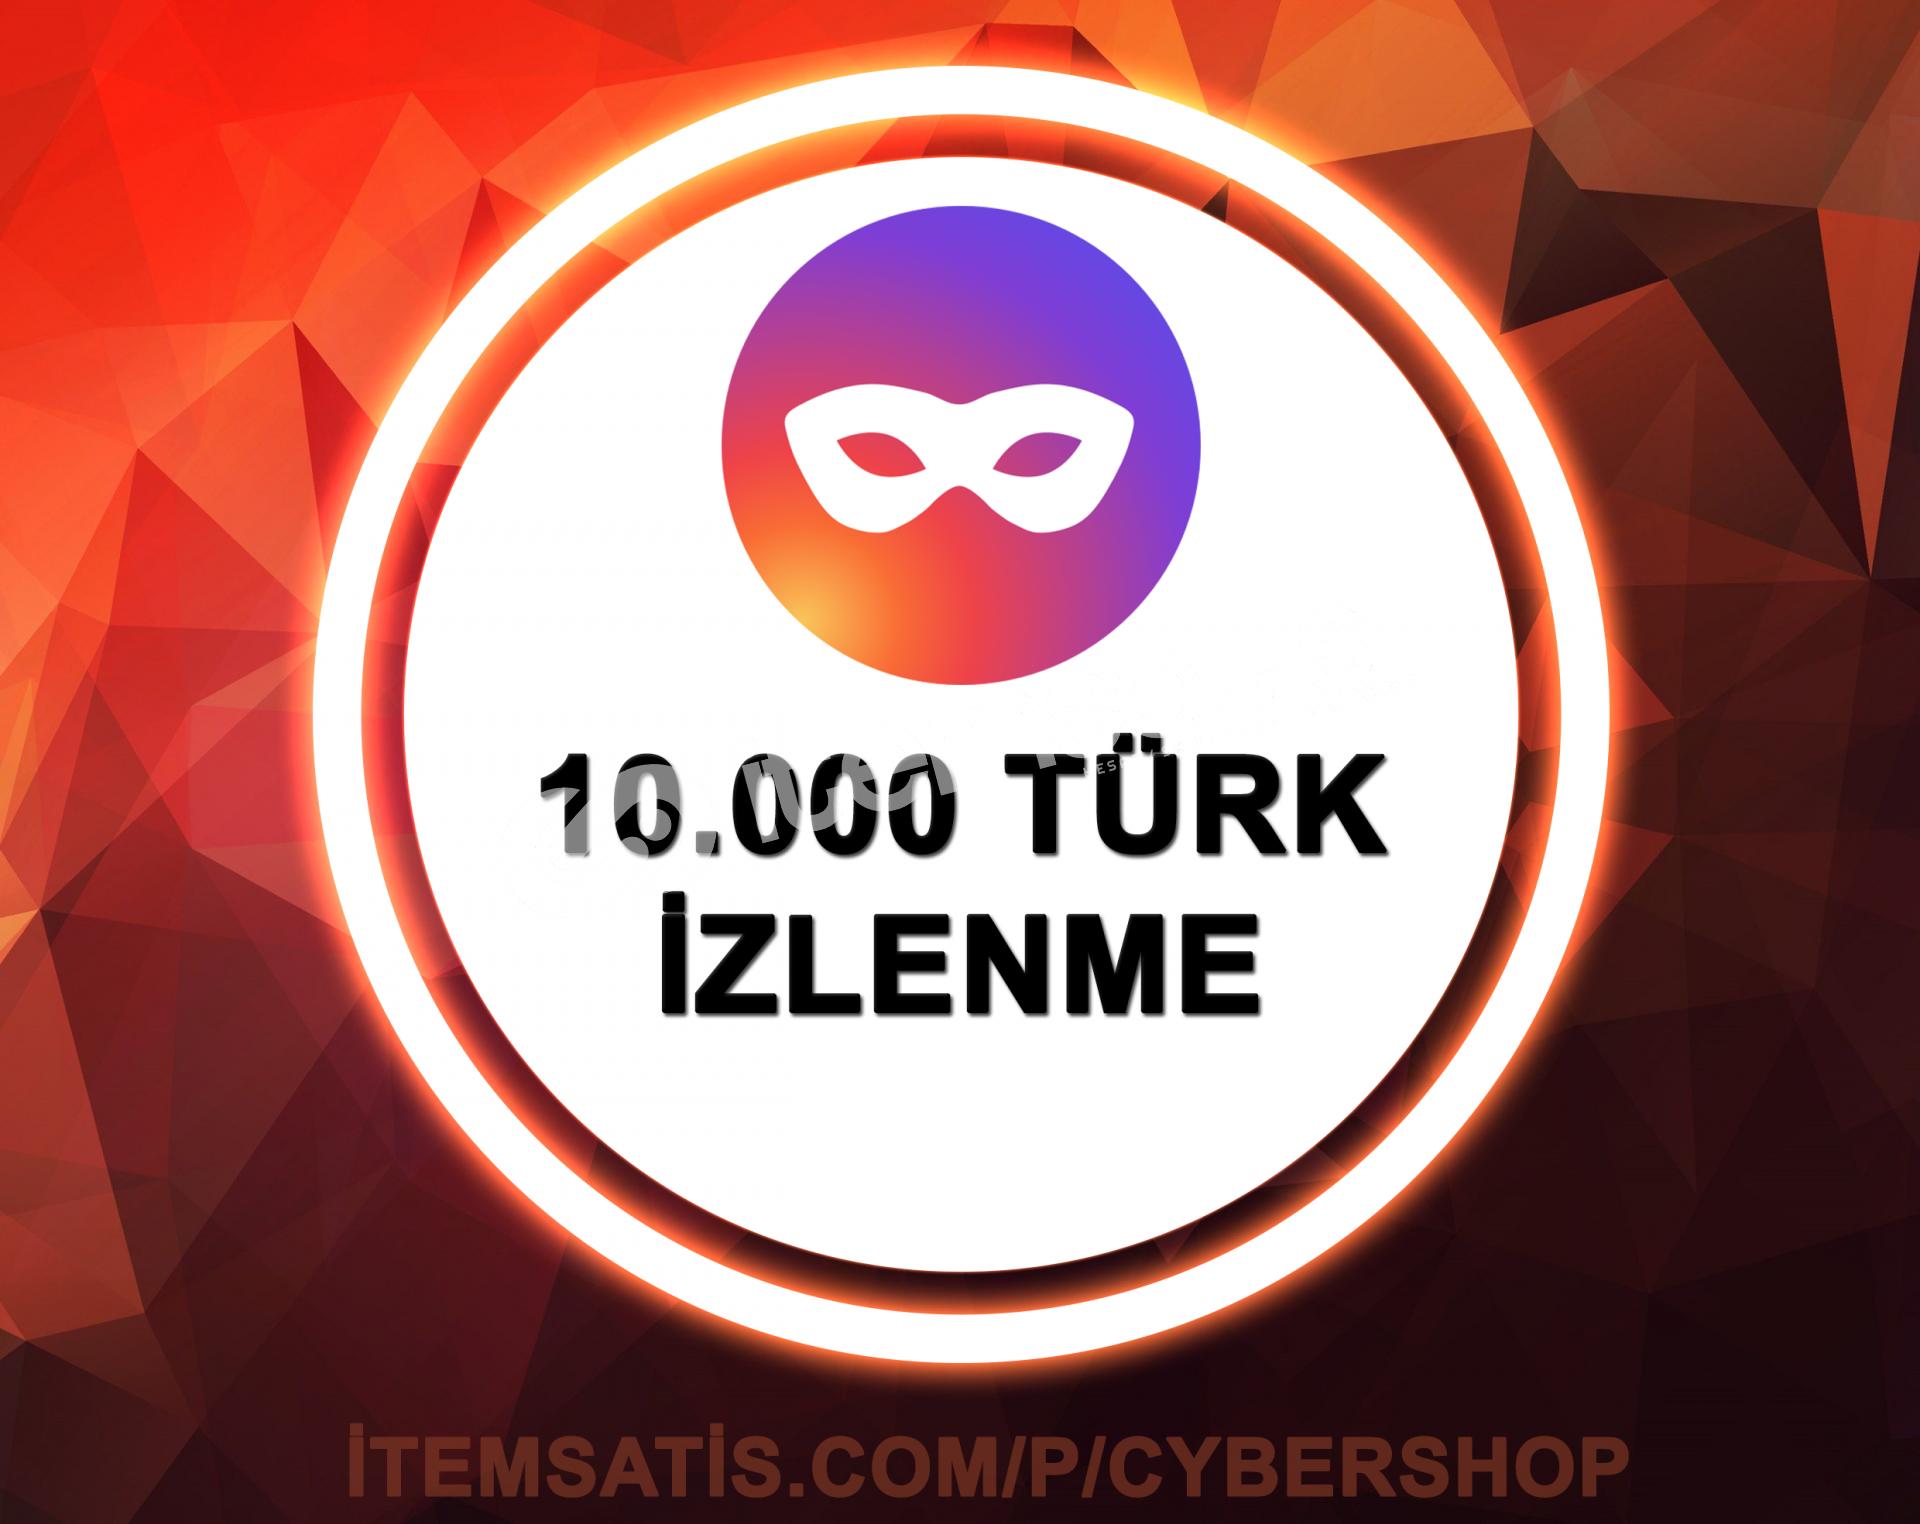 10000 [TÜRK] İzlenme (Keşfet Etkili)